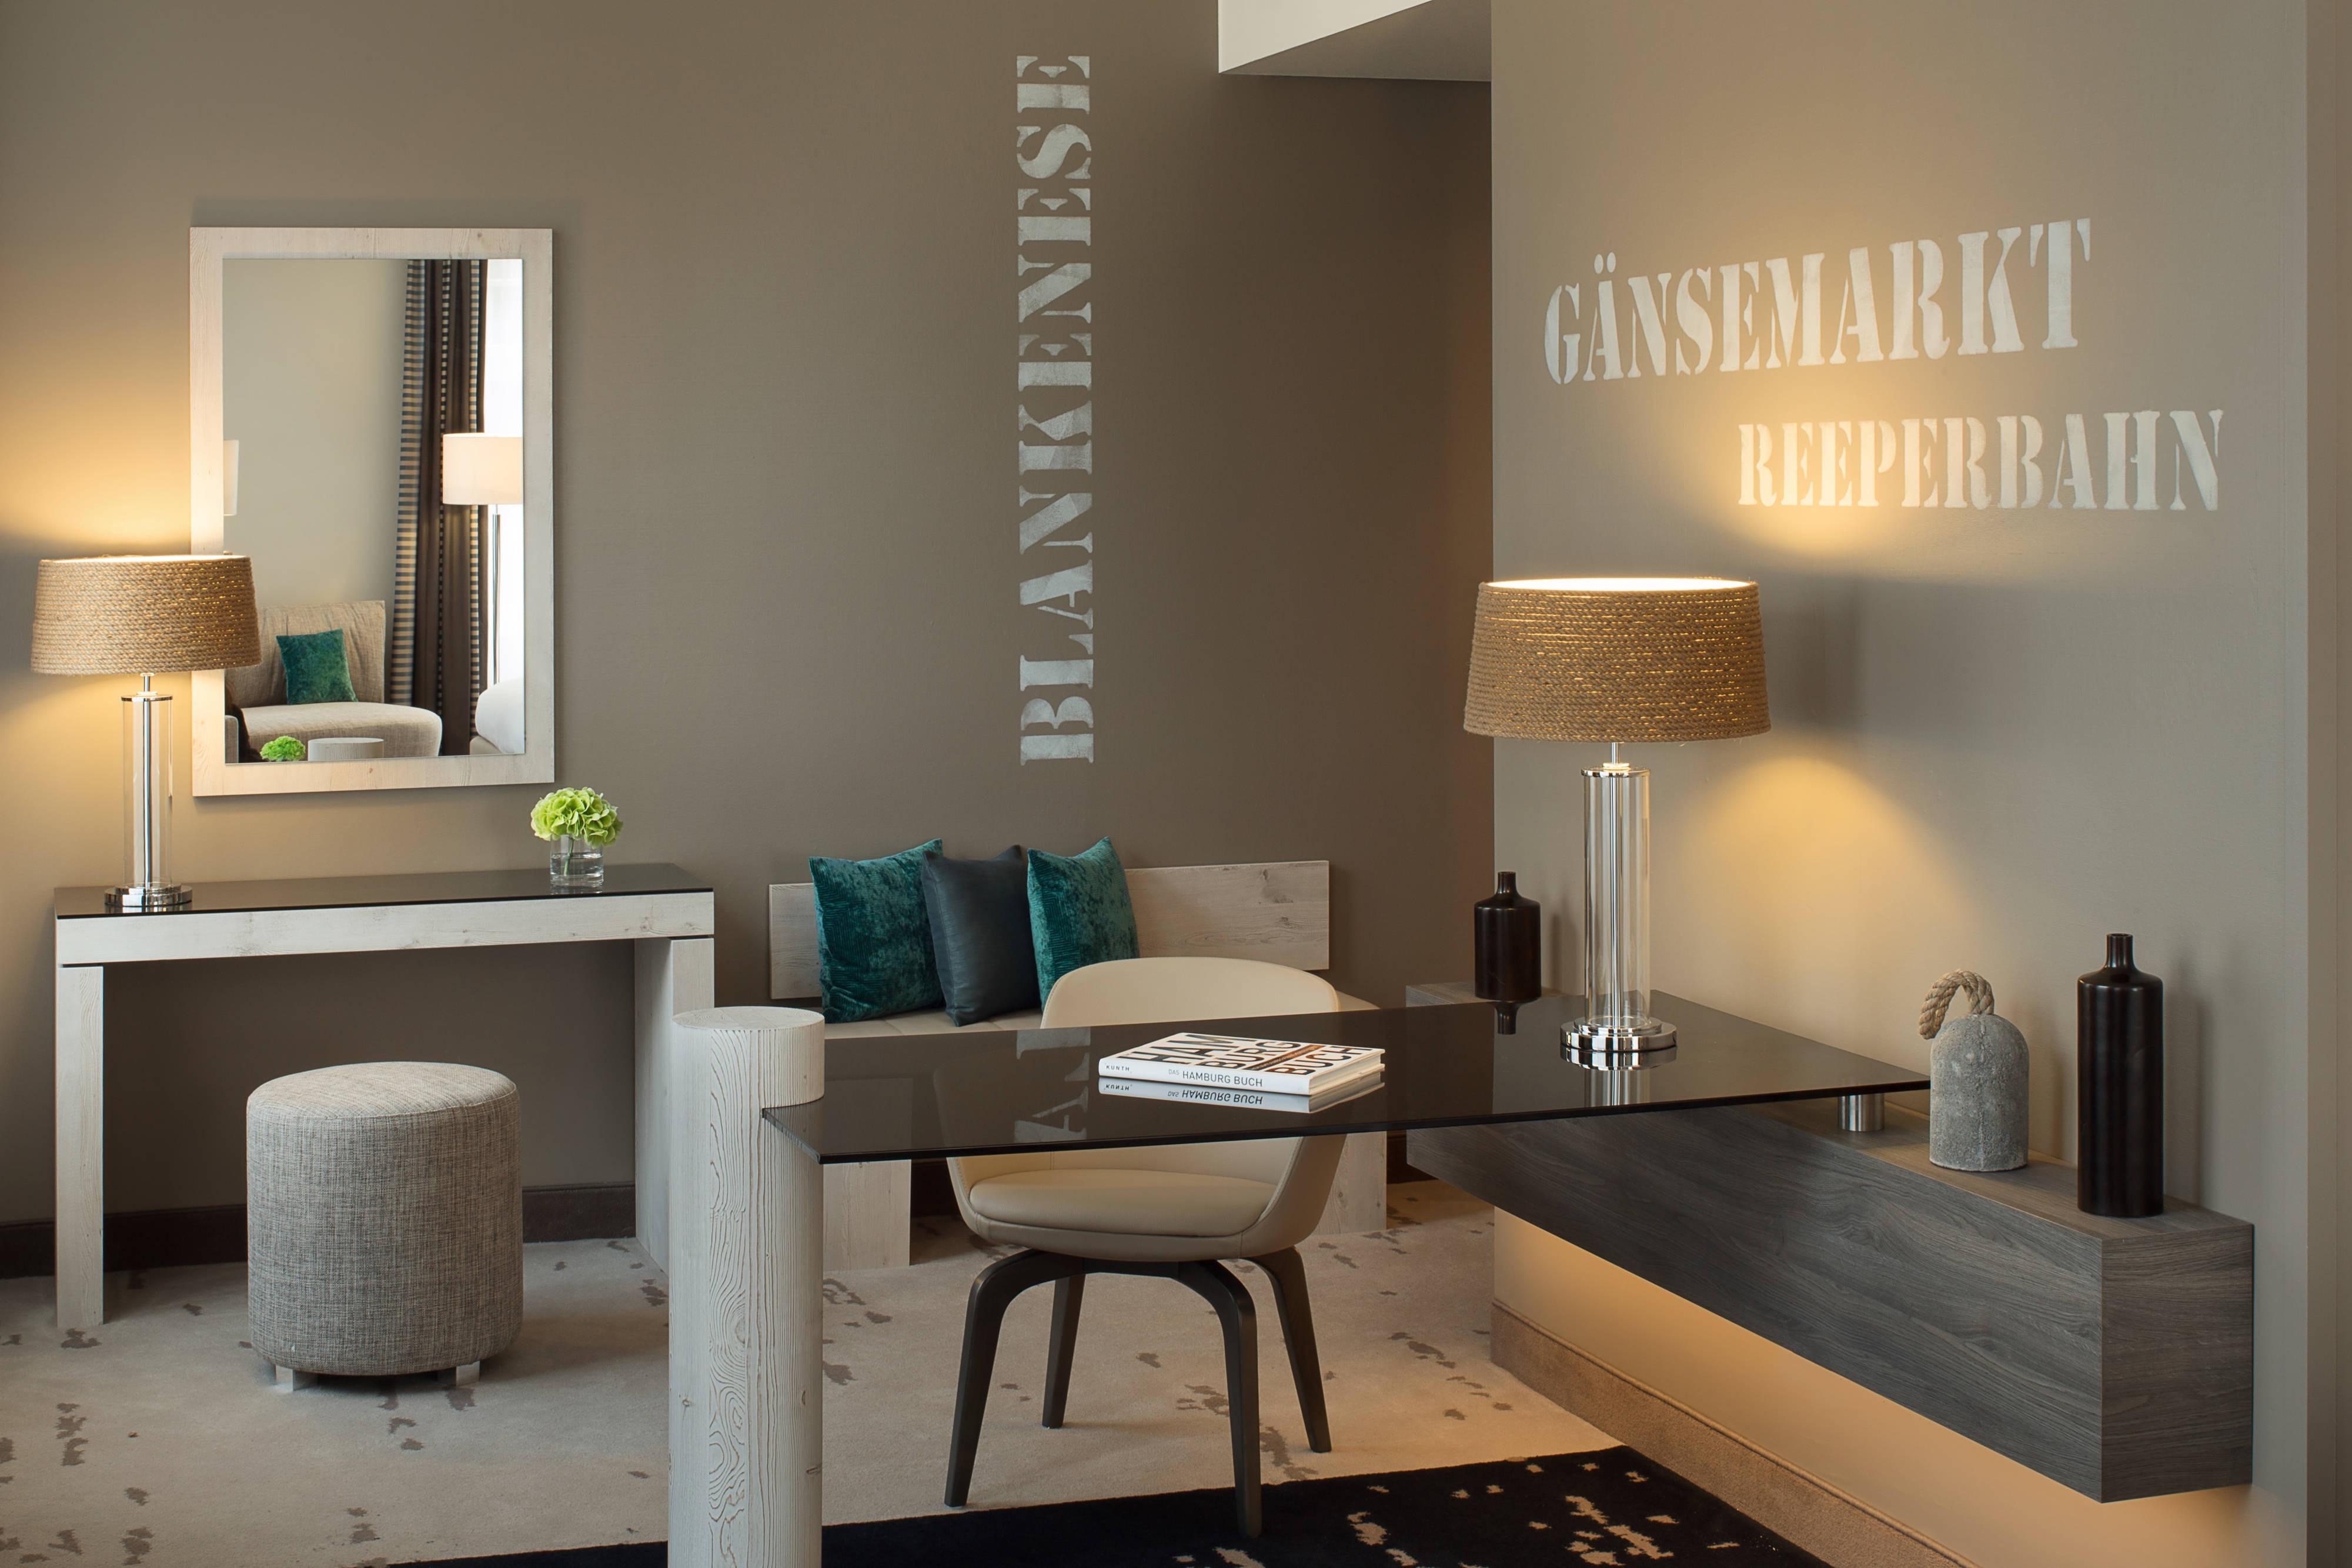 Ausstattung einer Suite in Hotel in Hamburg